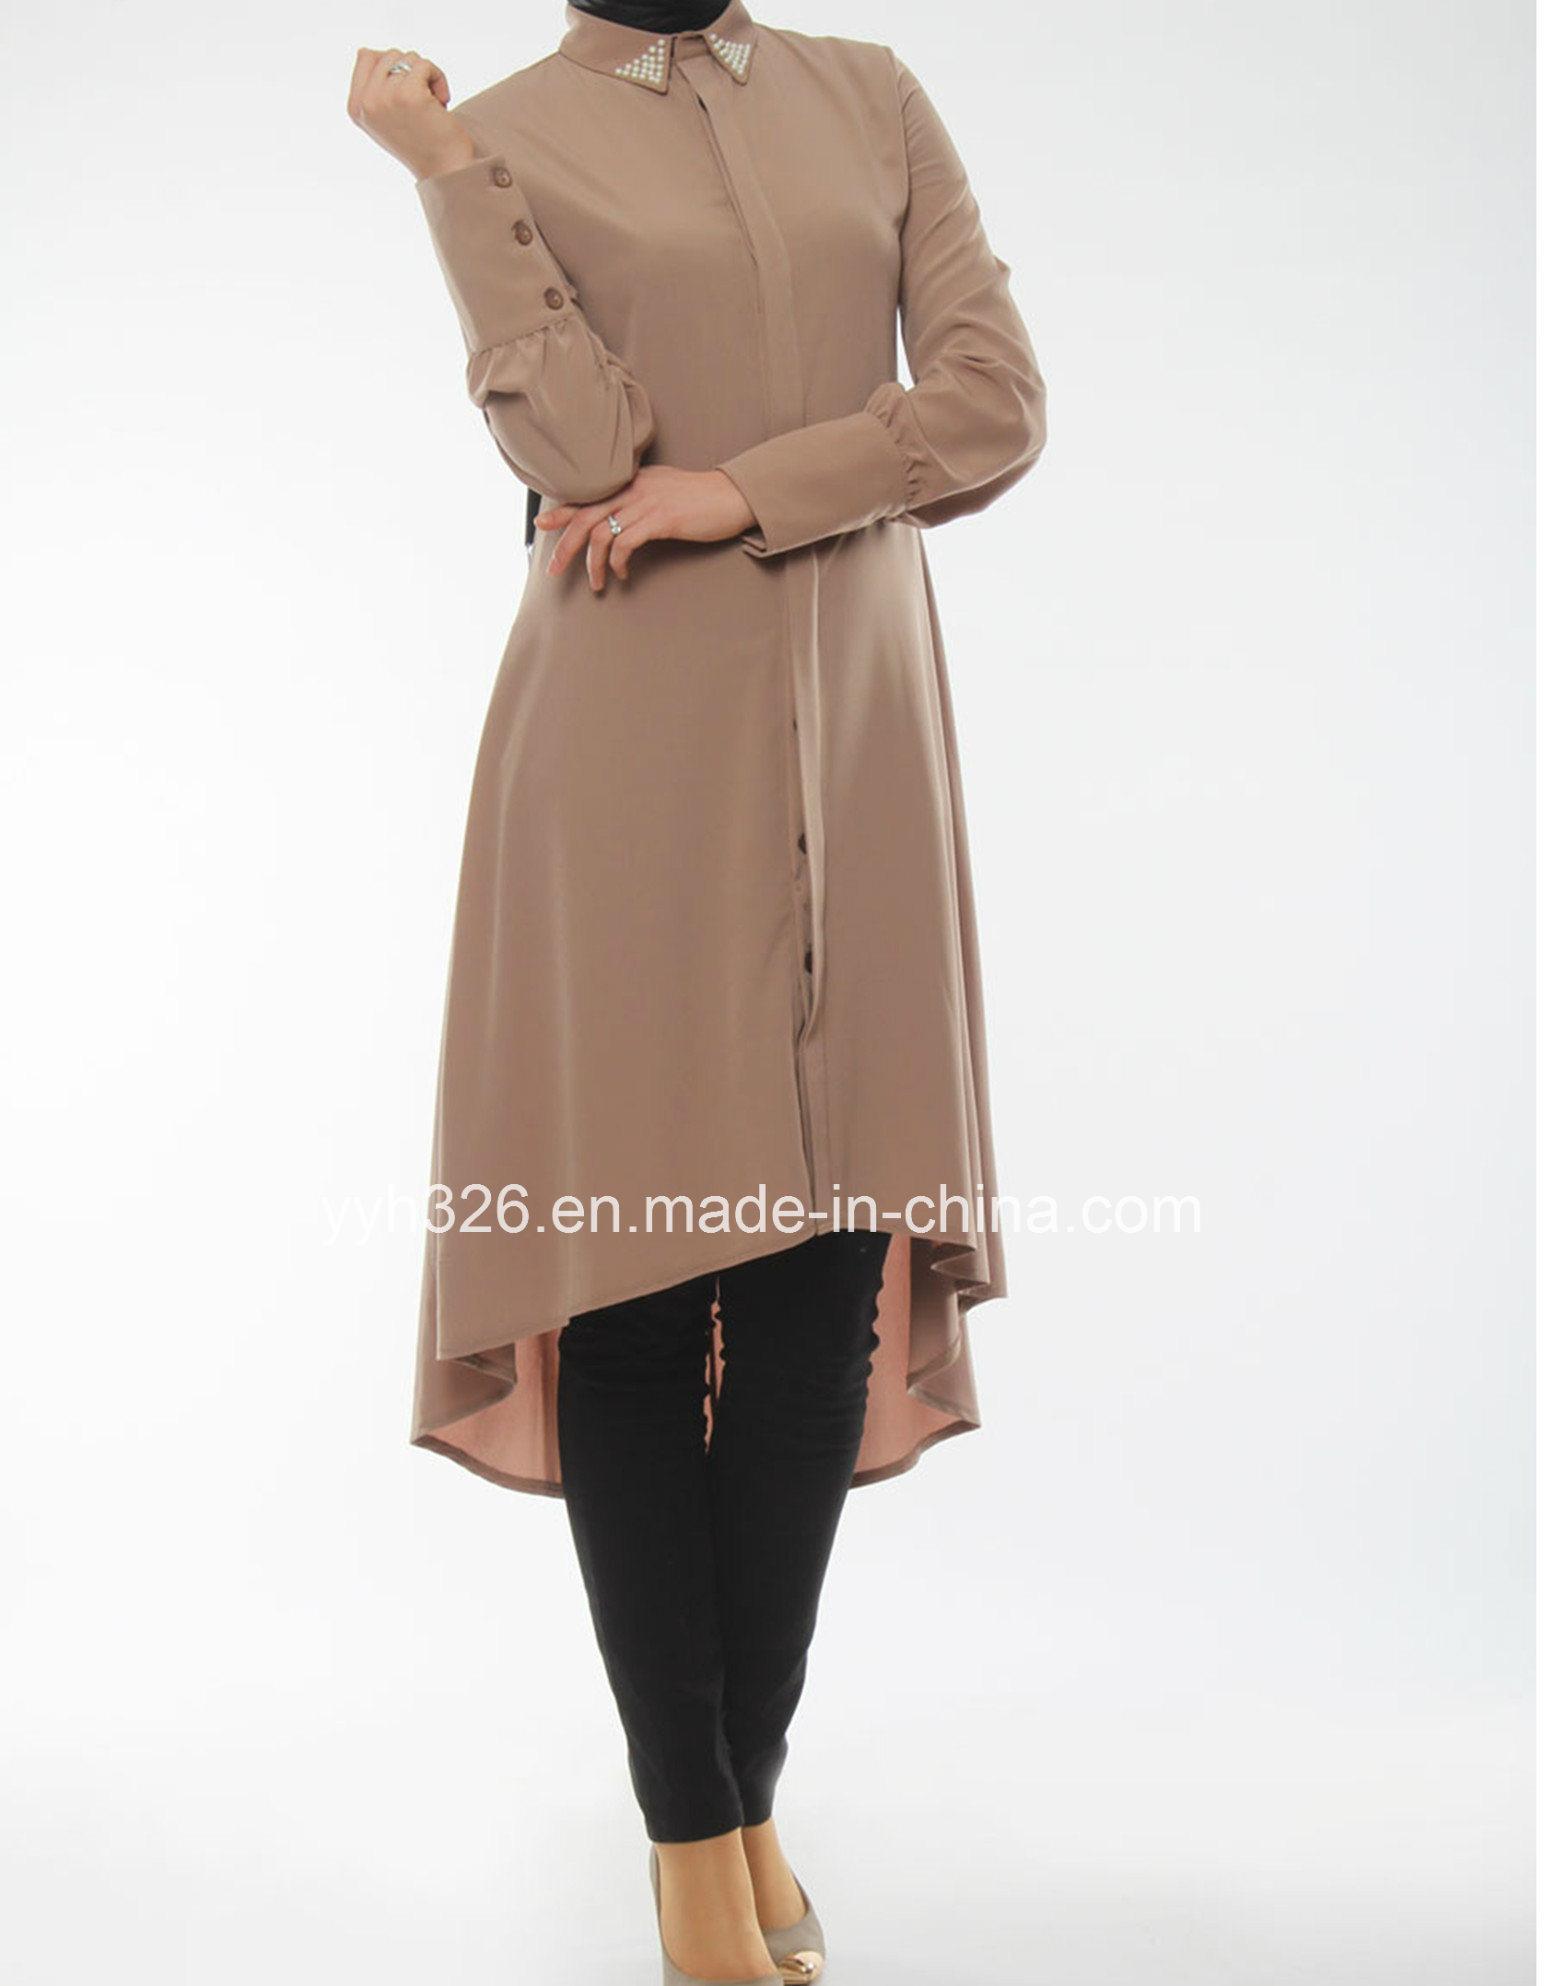 Robe musulmane moderne